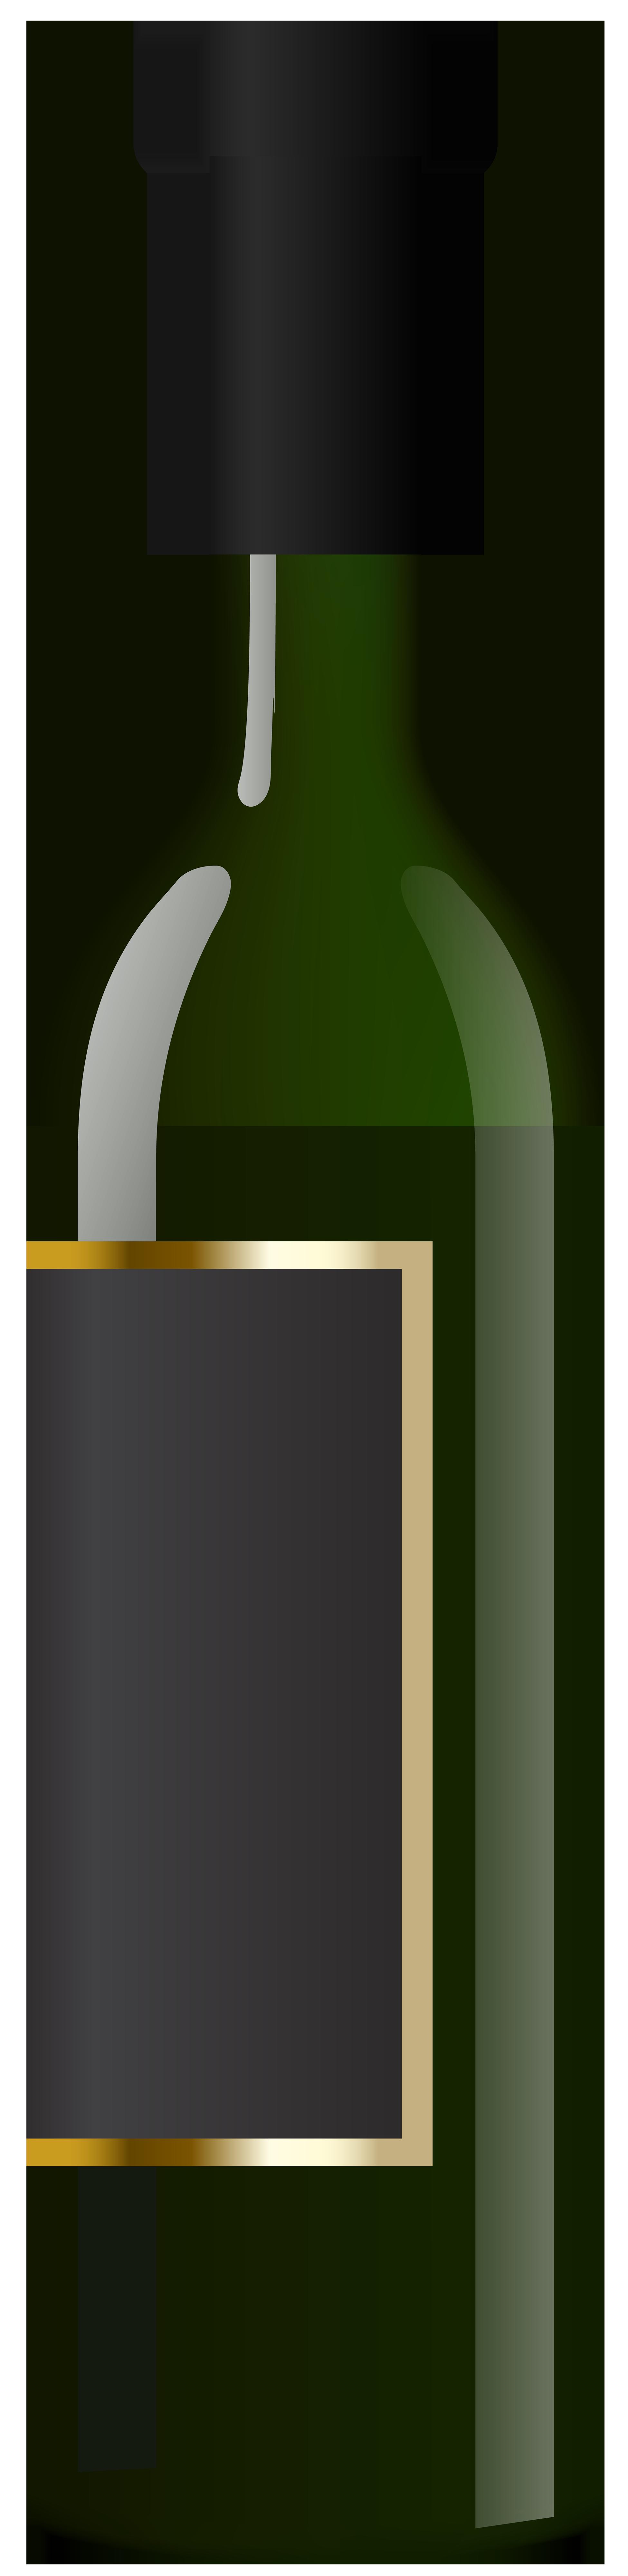 Bottle Clipart Transparent.